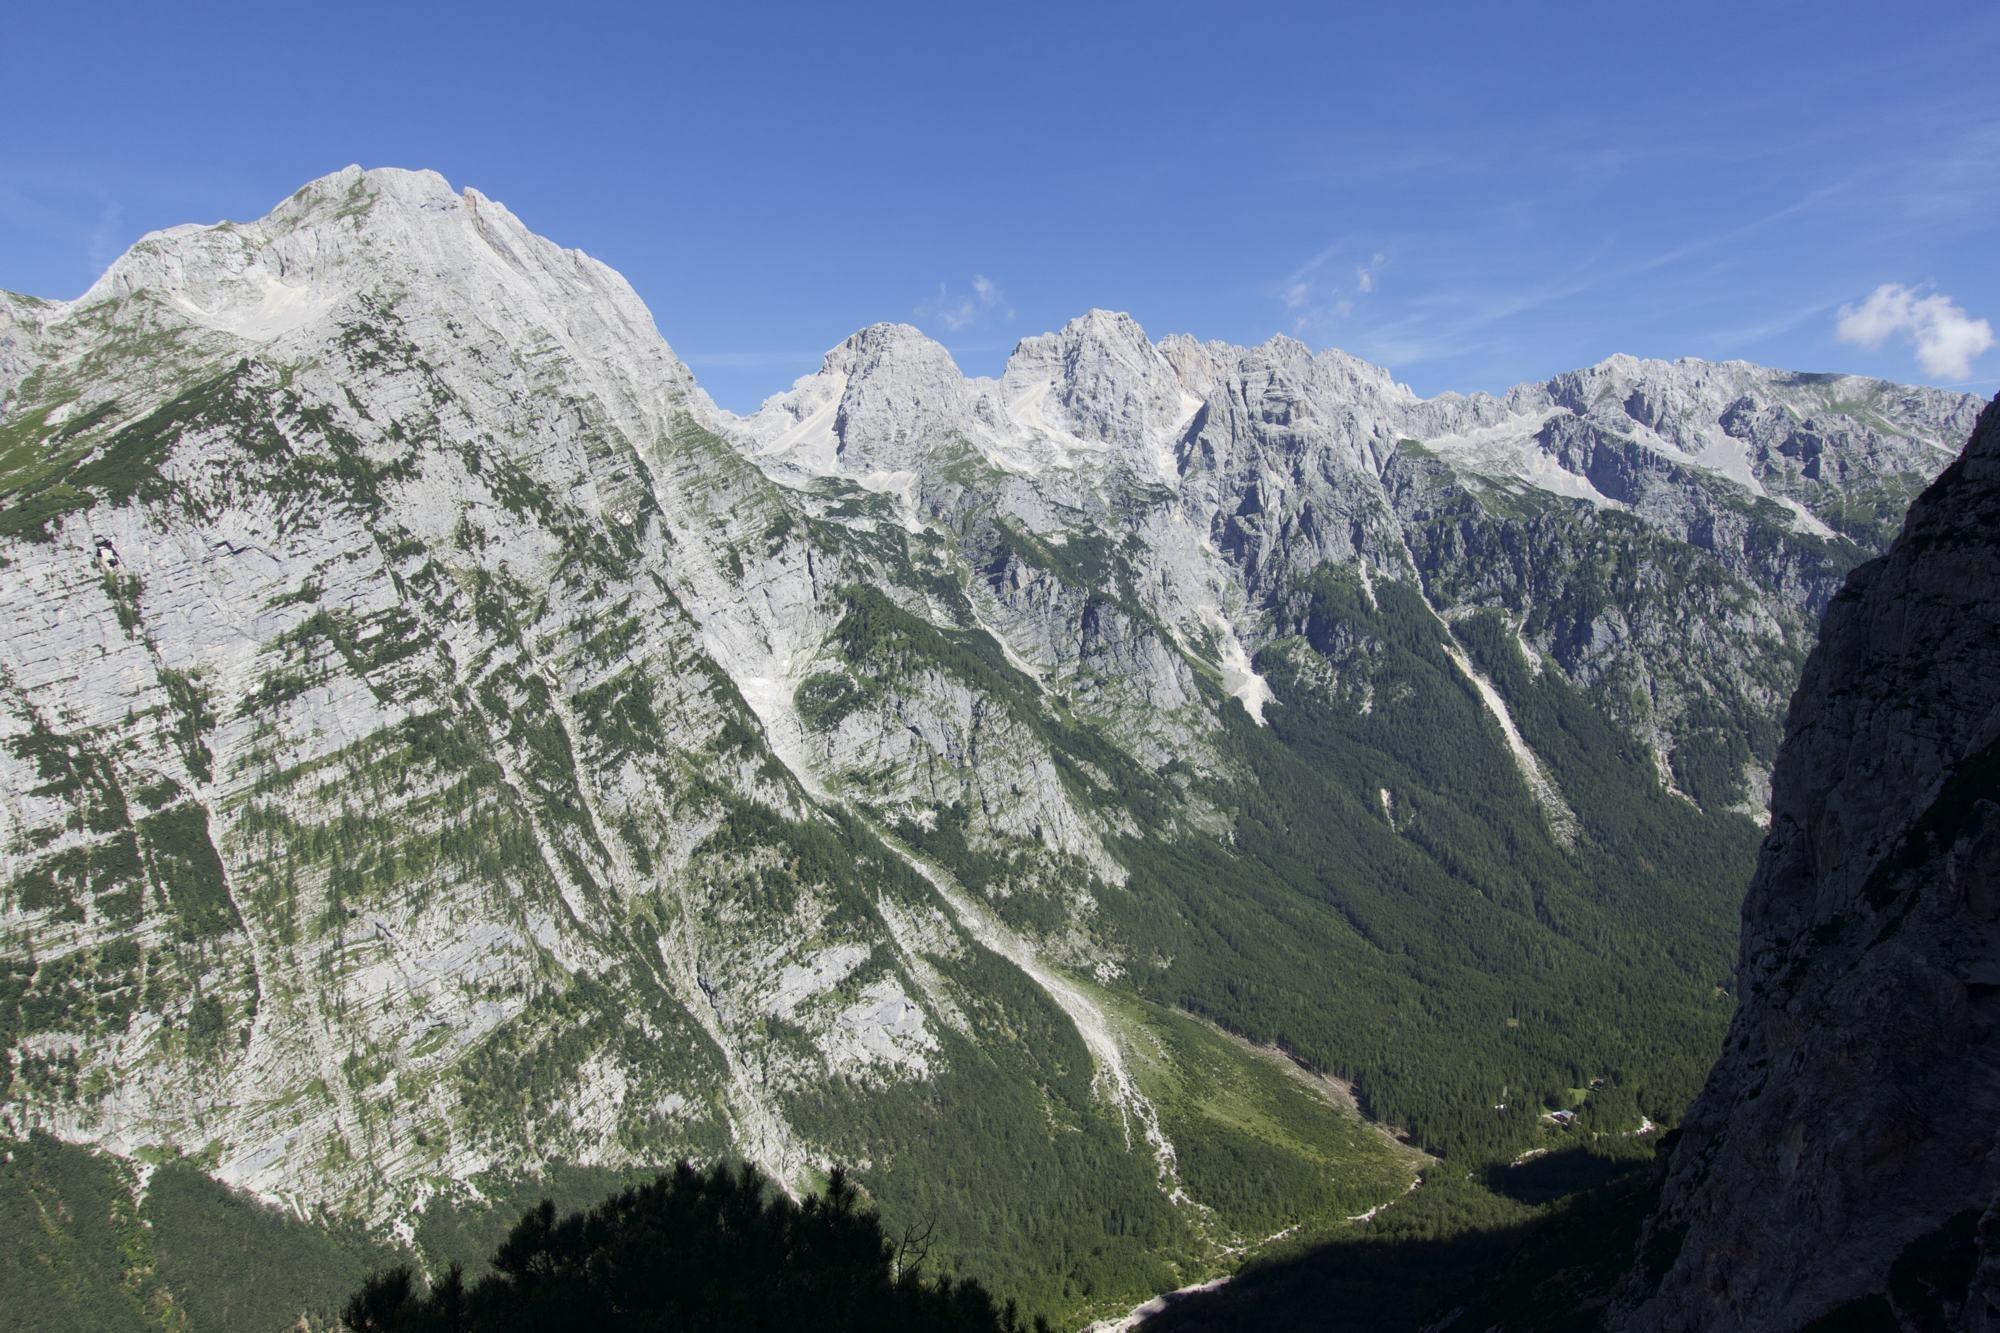 Ein Erlebnis auf Sloweniens höchstem Berg: der Triglav (Teil 1)